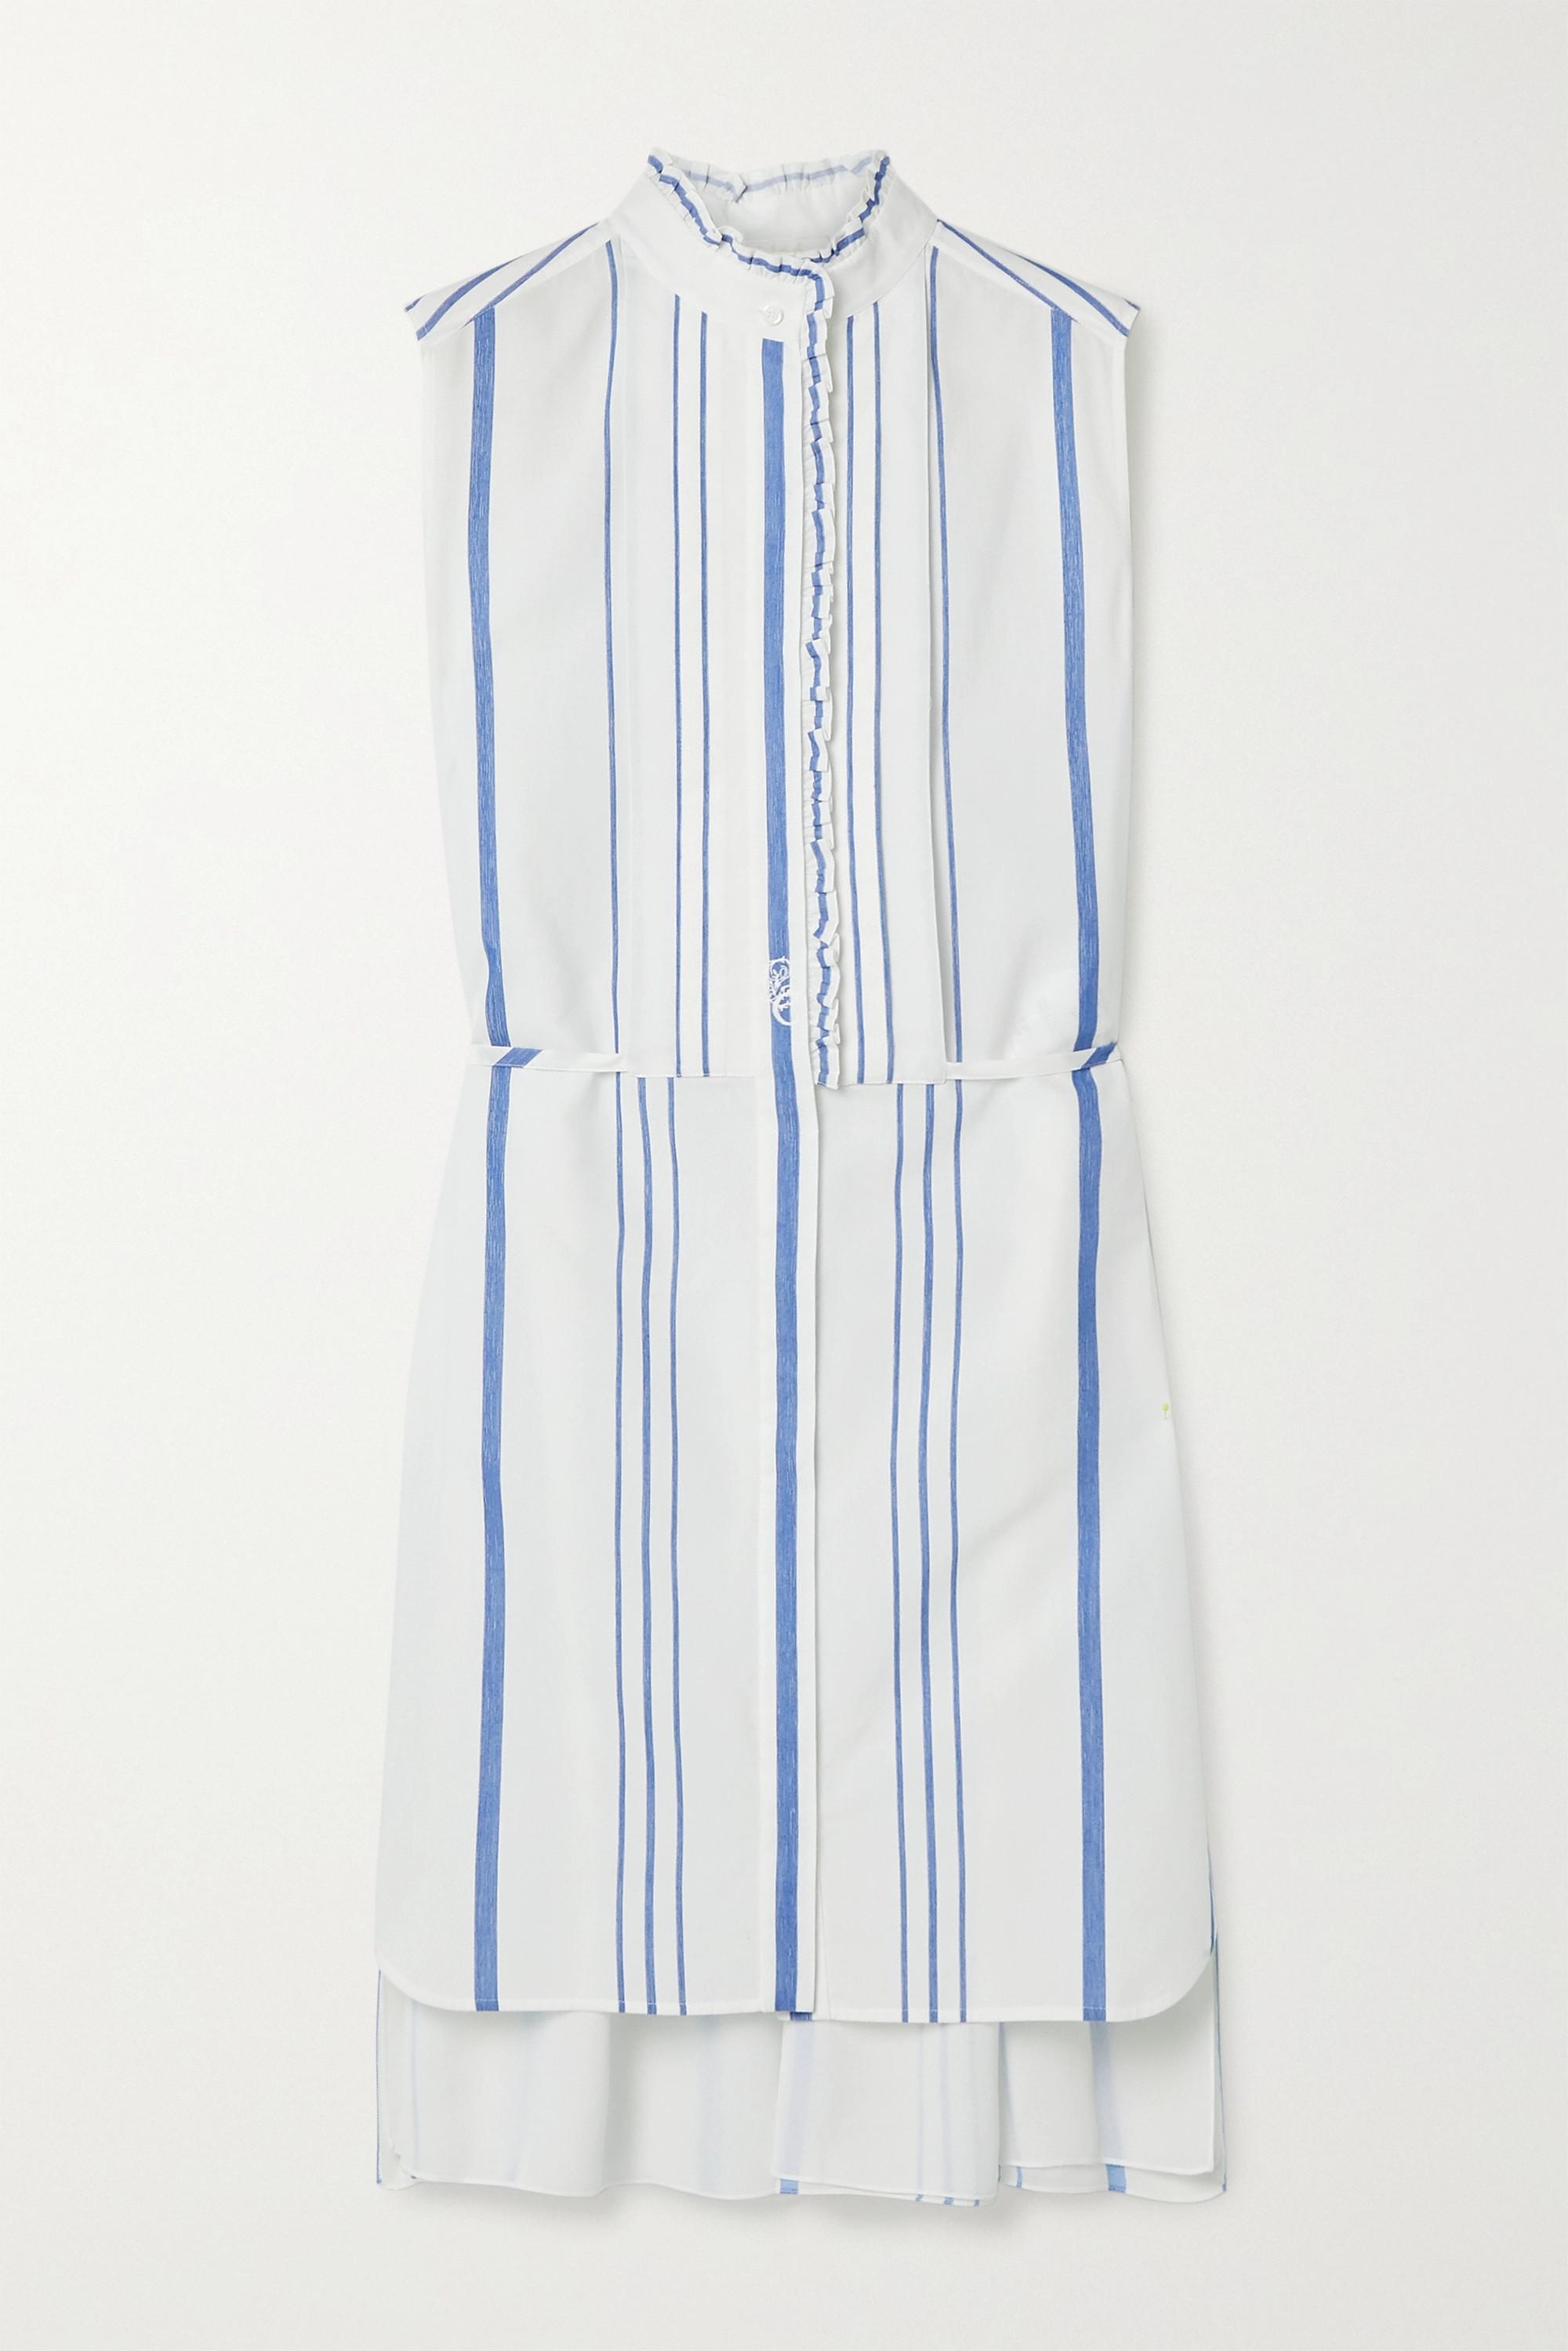 Chloé Robe-chemise en coton et en crêpe de Chine à rayures et à volants